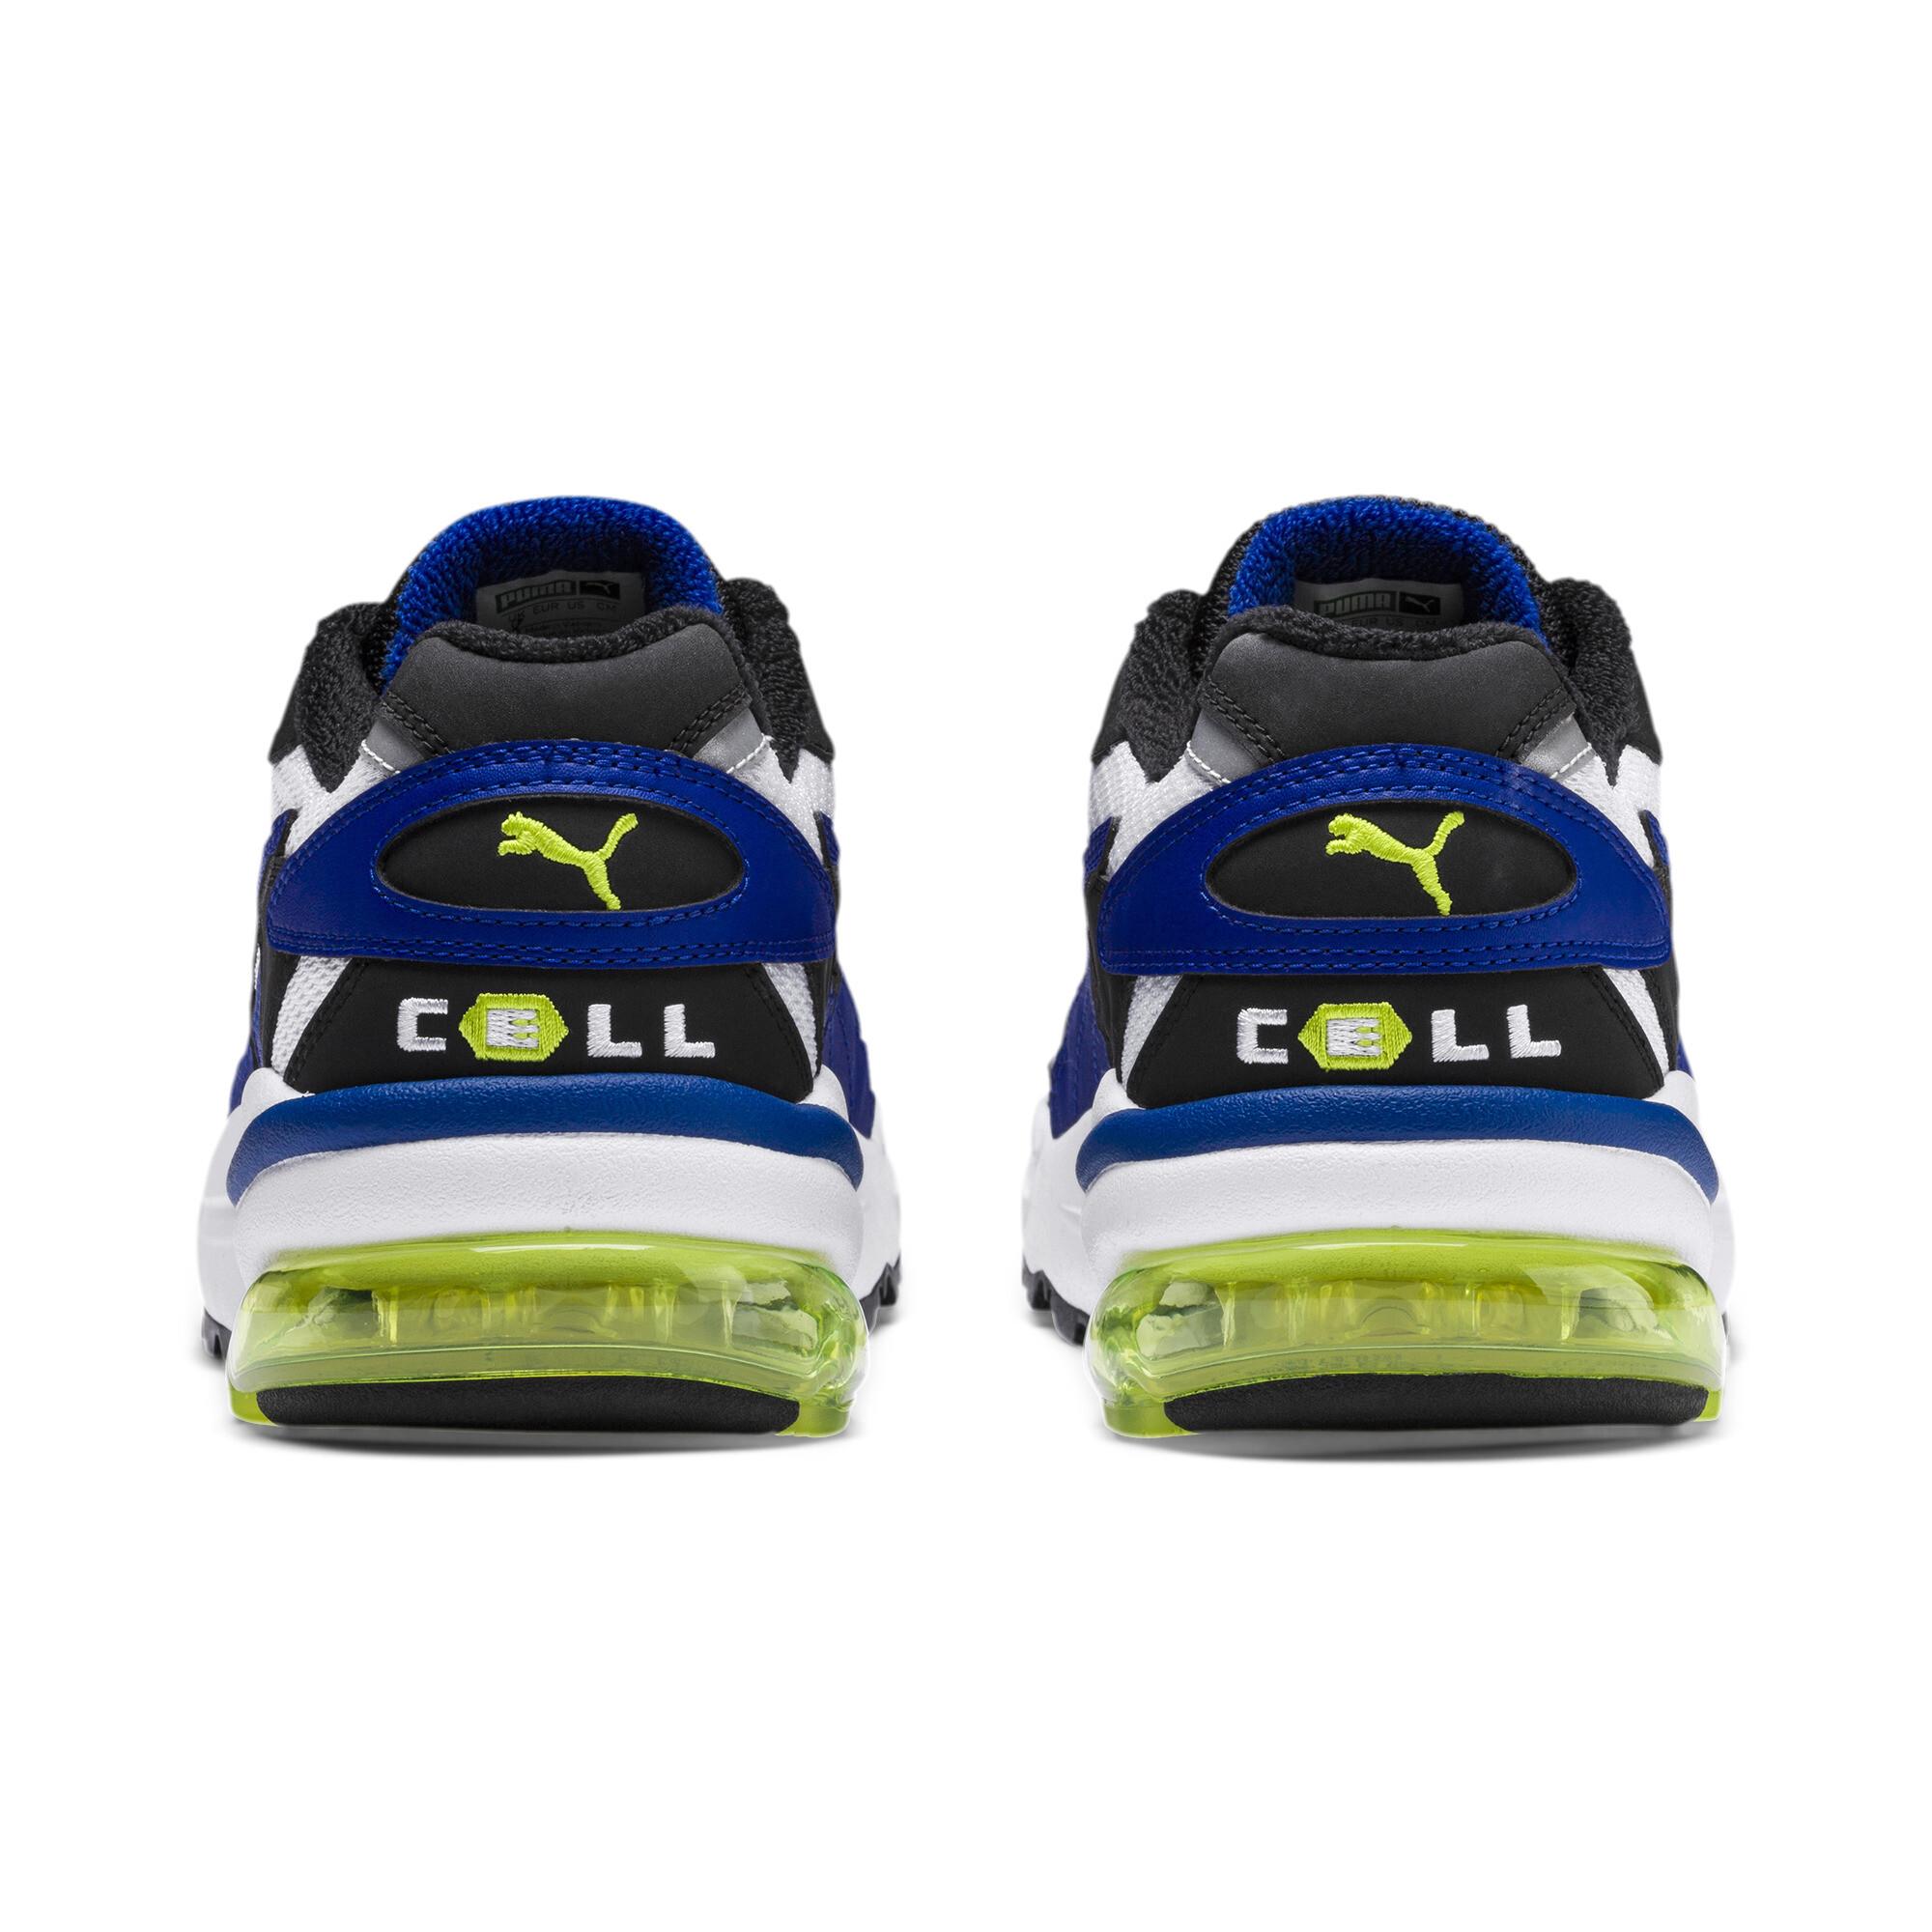 PUMA-CELL-Alien-OG-Men-039-s-Sneakers-Men-Shoe-Sport-Classics thumbnail 3